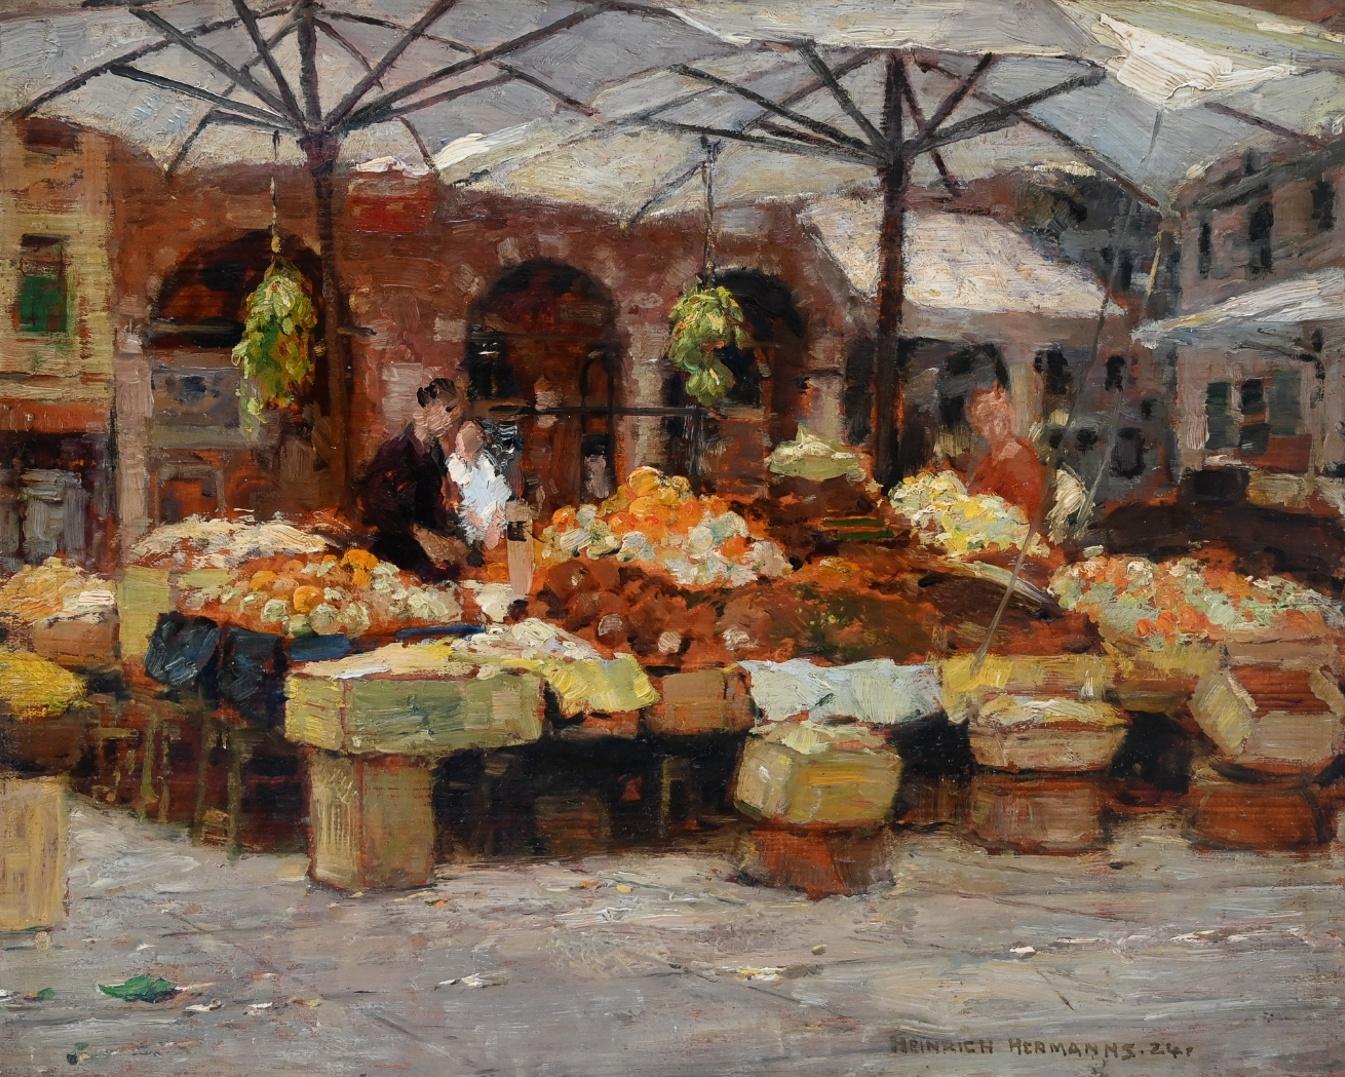 Heinrich Hermanns (1862 - 1942) » Öl-Gemälde Impressionismus Düsseldorfer Malerschule